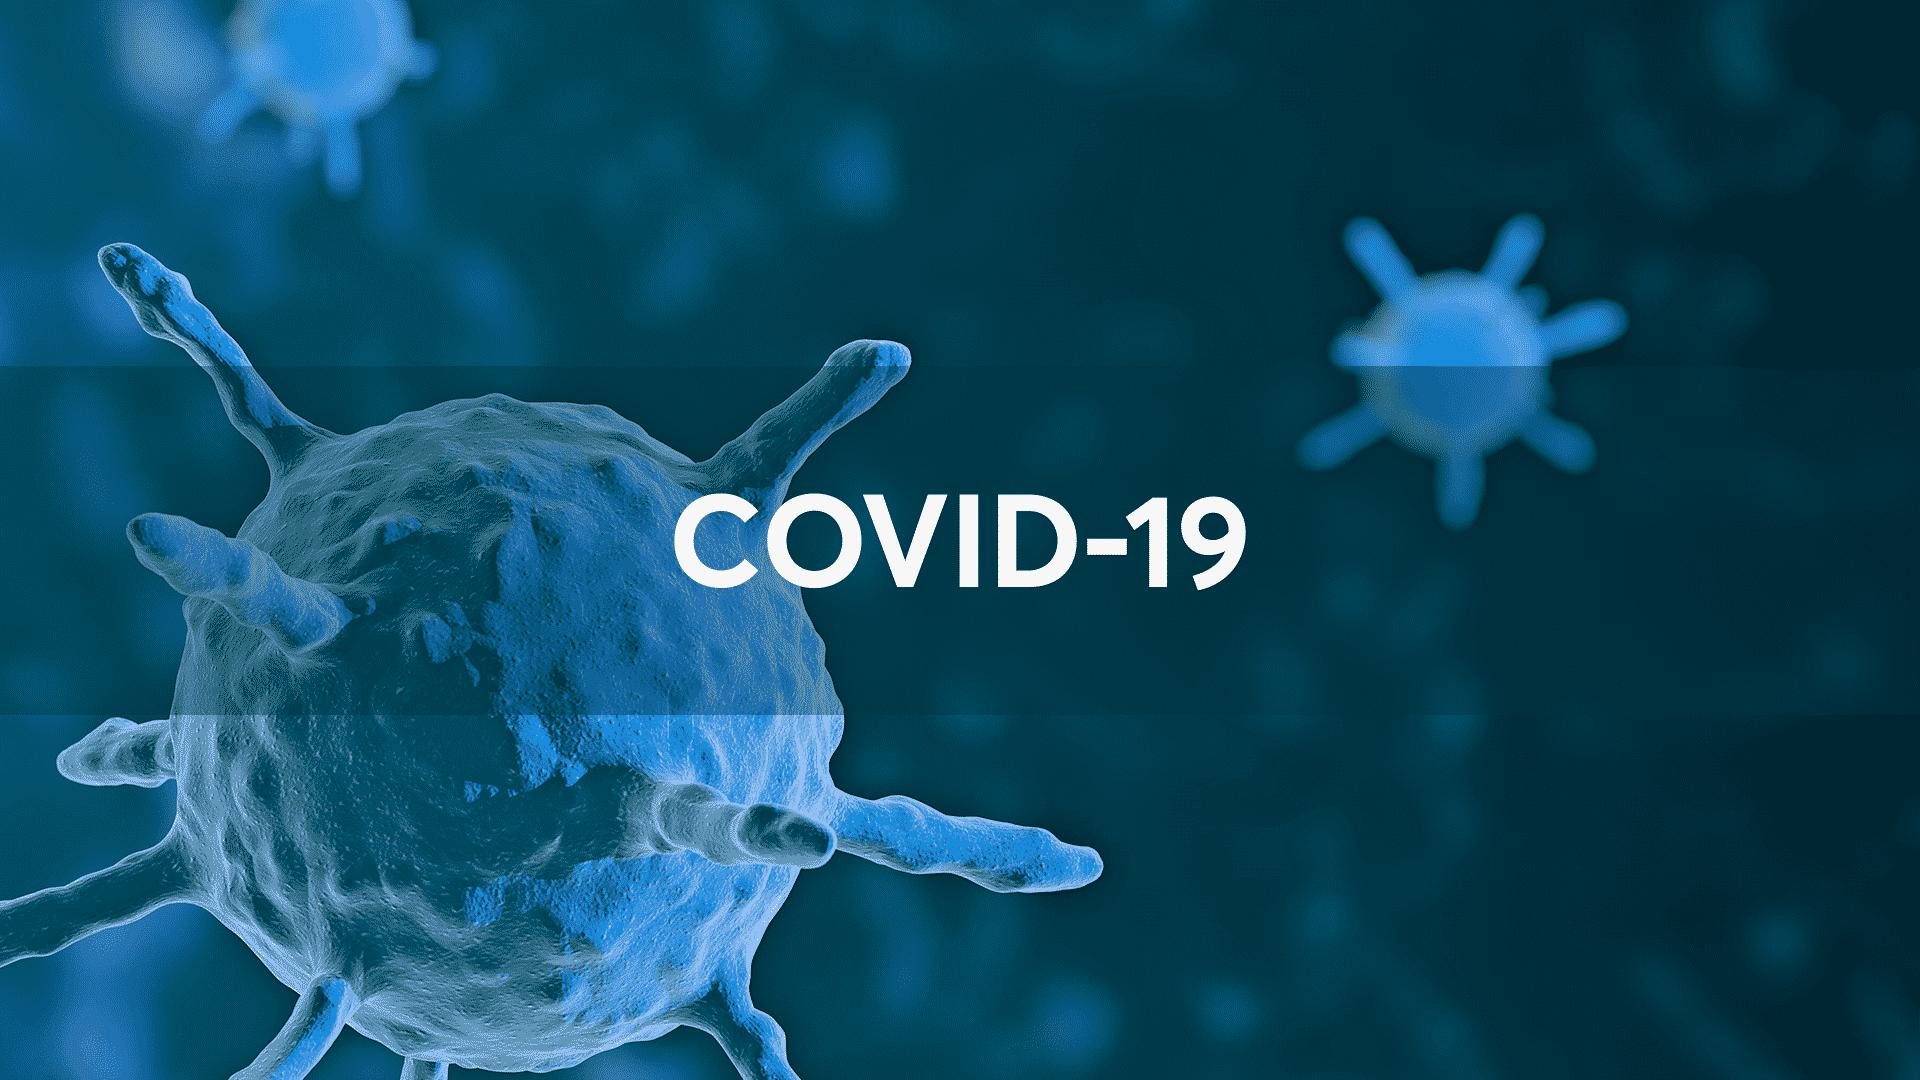 COVID-19: L'Oms appelle à un effort collectif de l'Europe face à une « situation très grave »